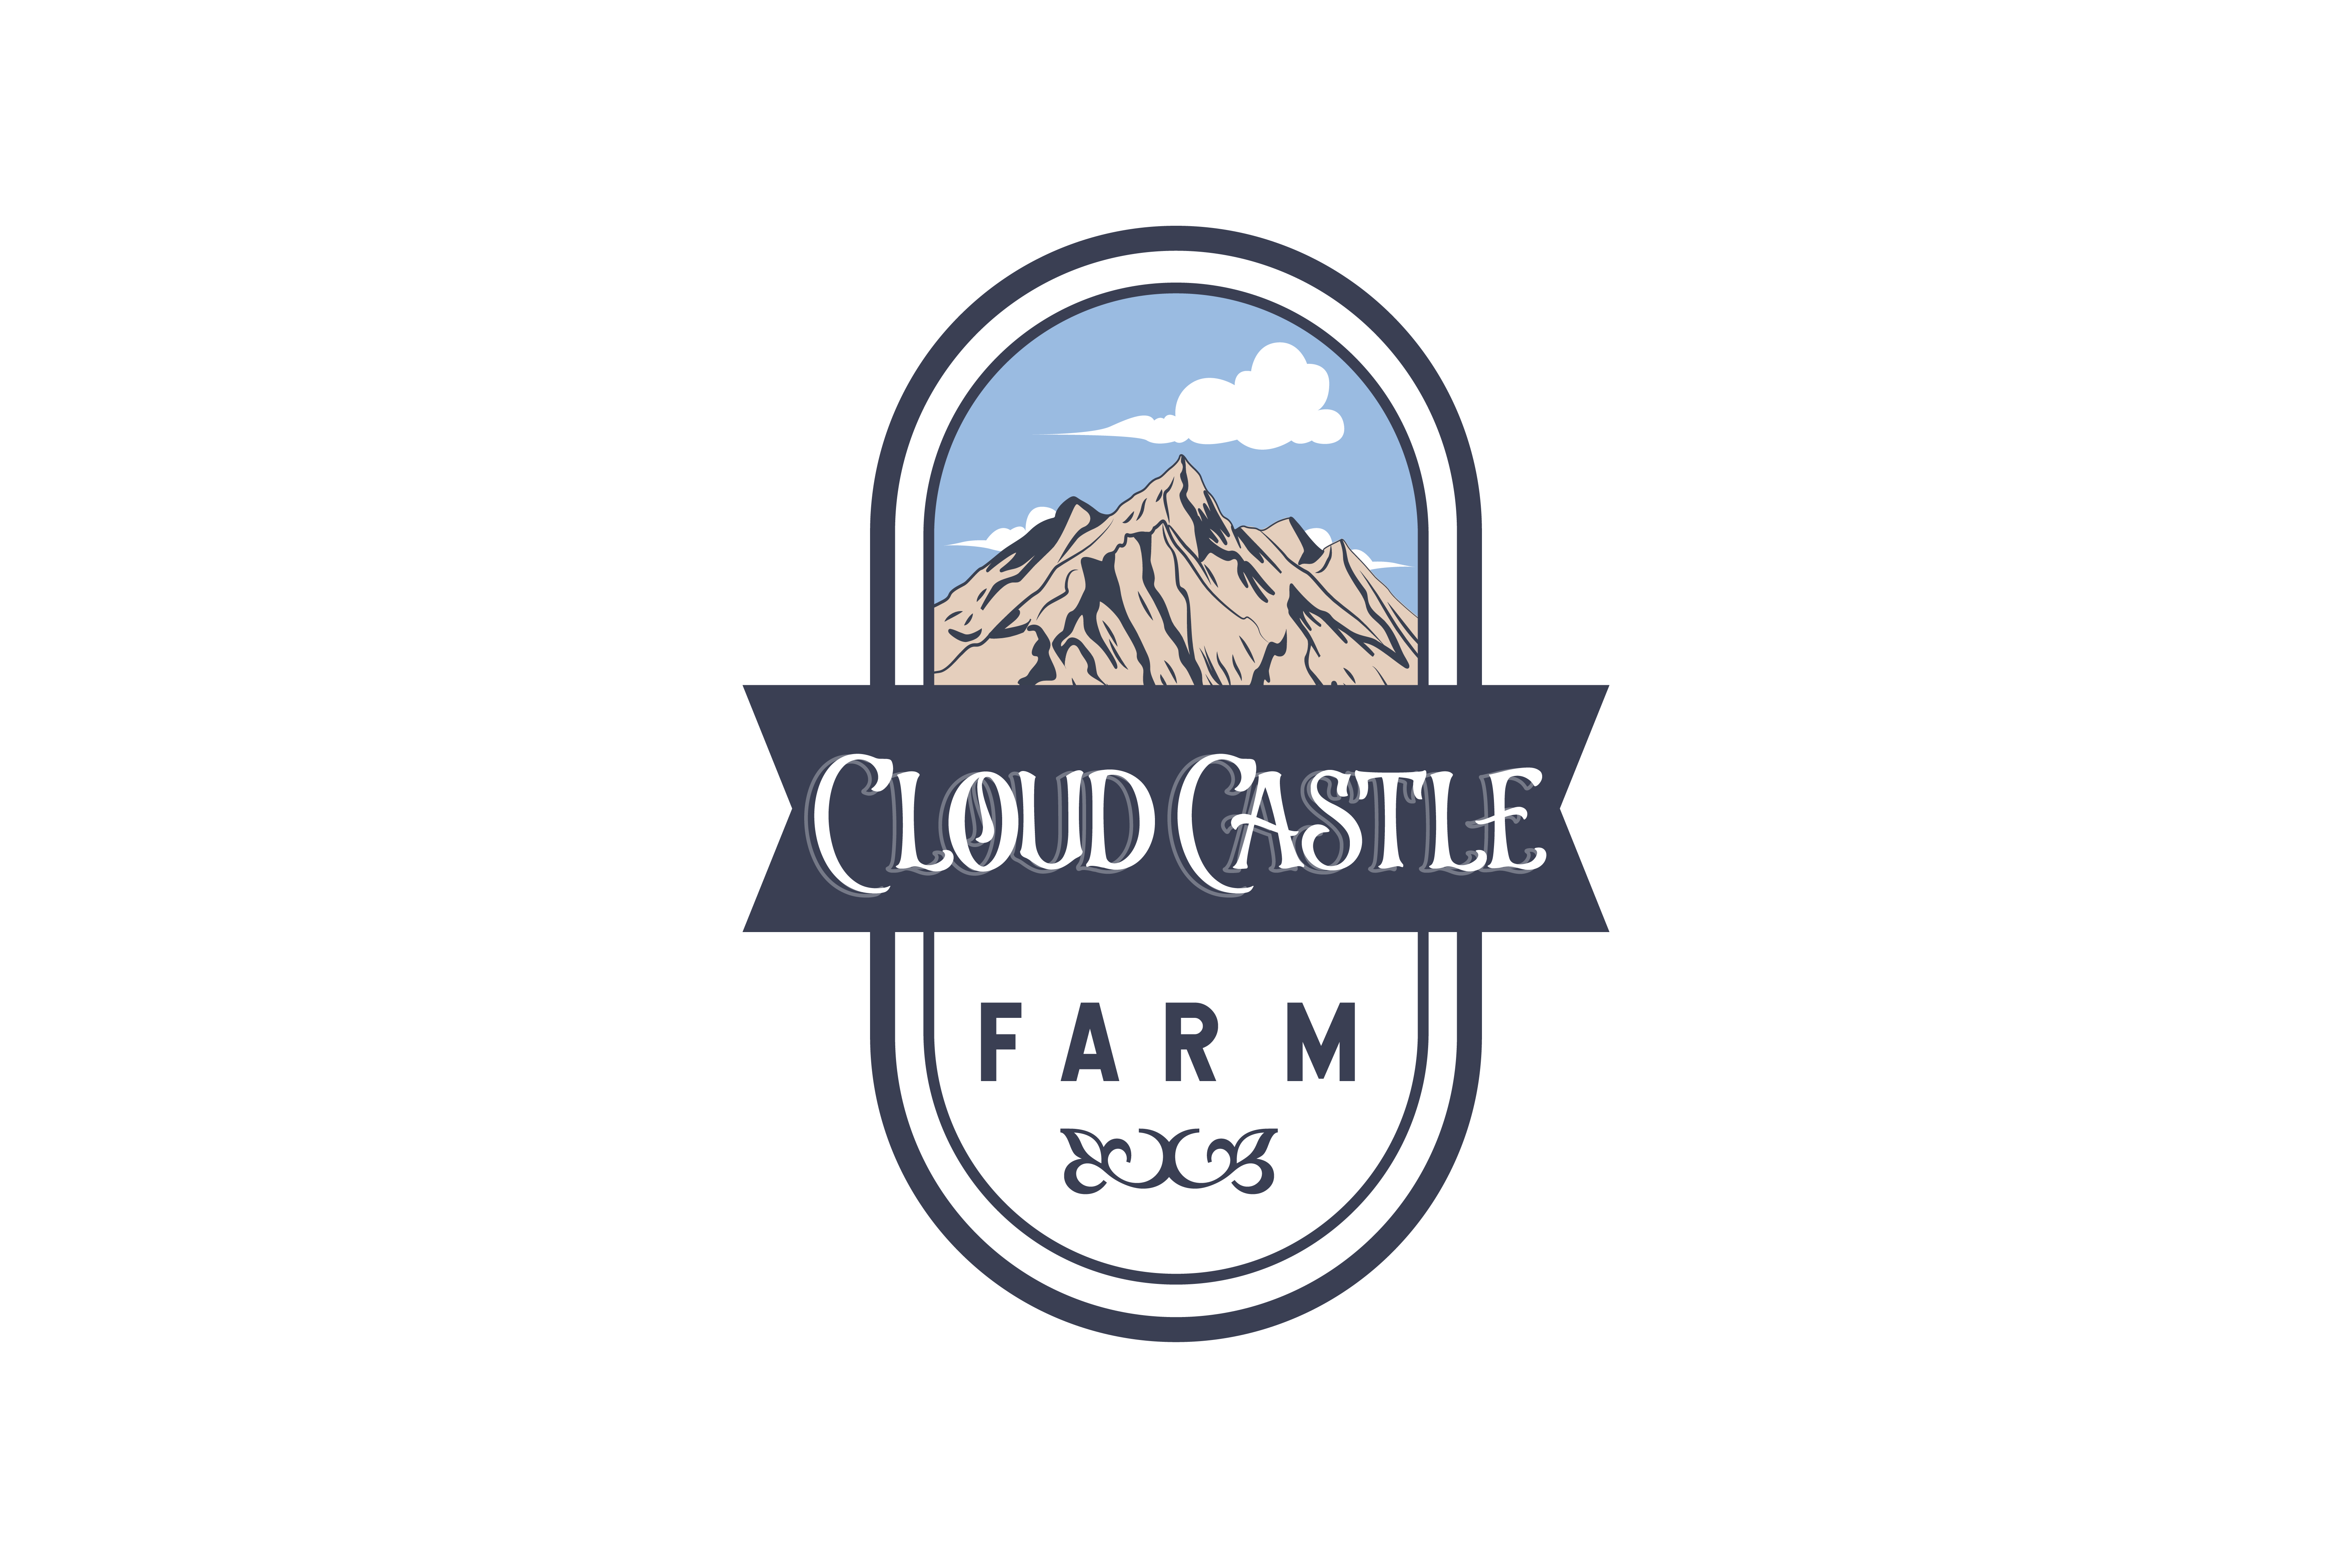 Cloud Castle Farm